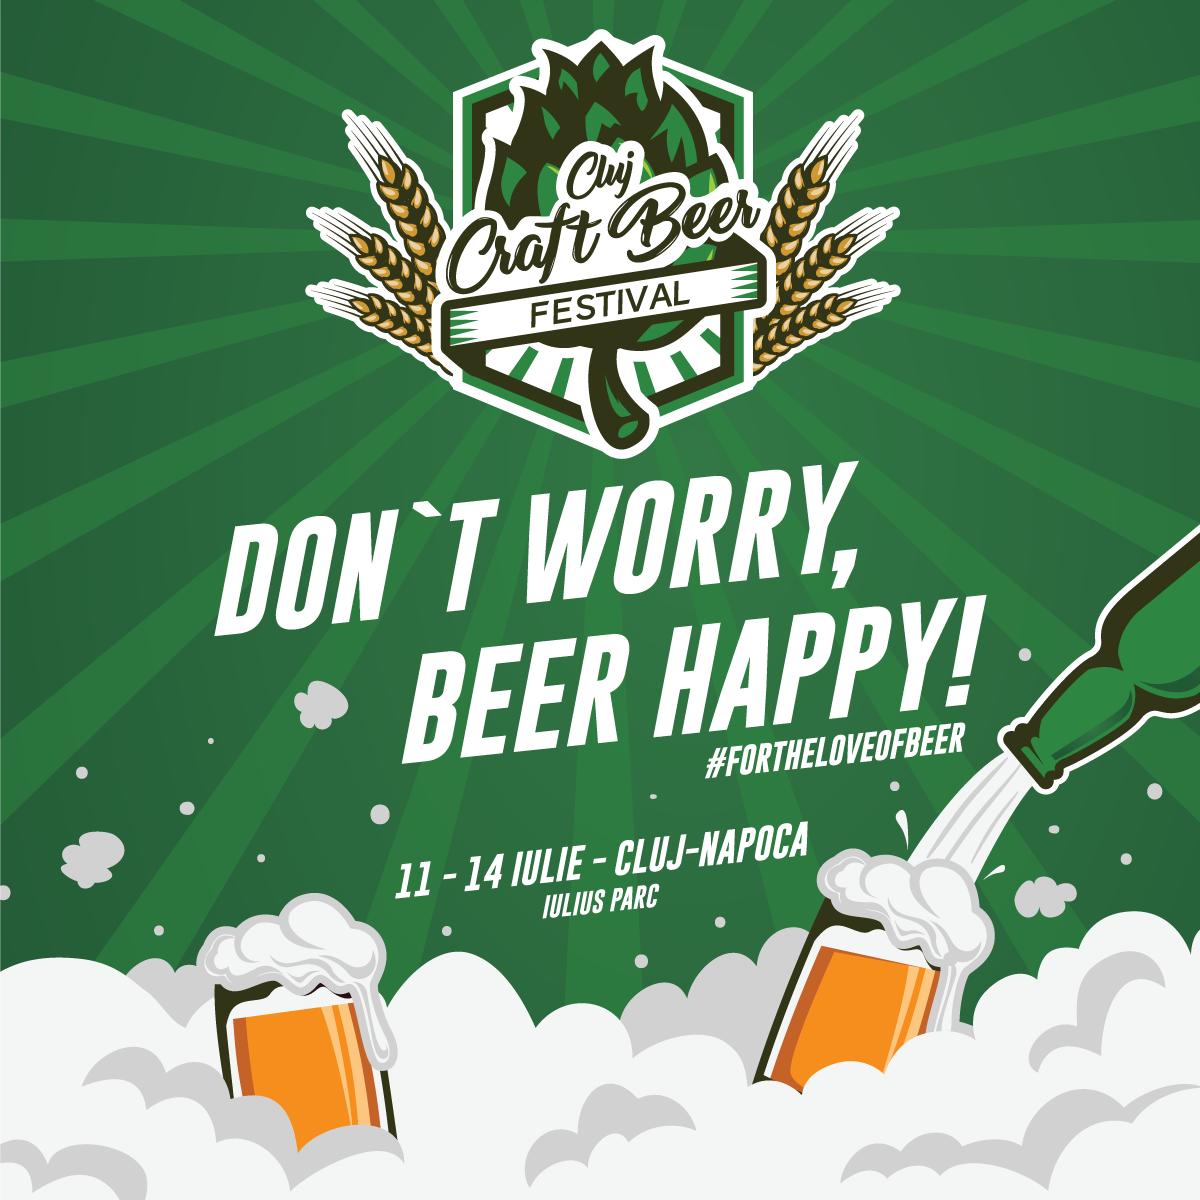 Peste 134 tipuri diferite de bere artizanală şi peste 20 de producători la cea de-a treia ediție Cluj Craft Beer Festival, în Iulius Parc!